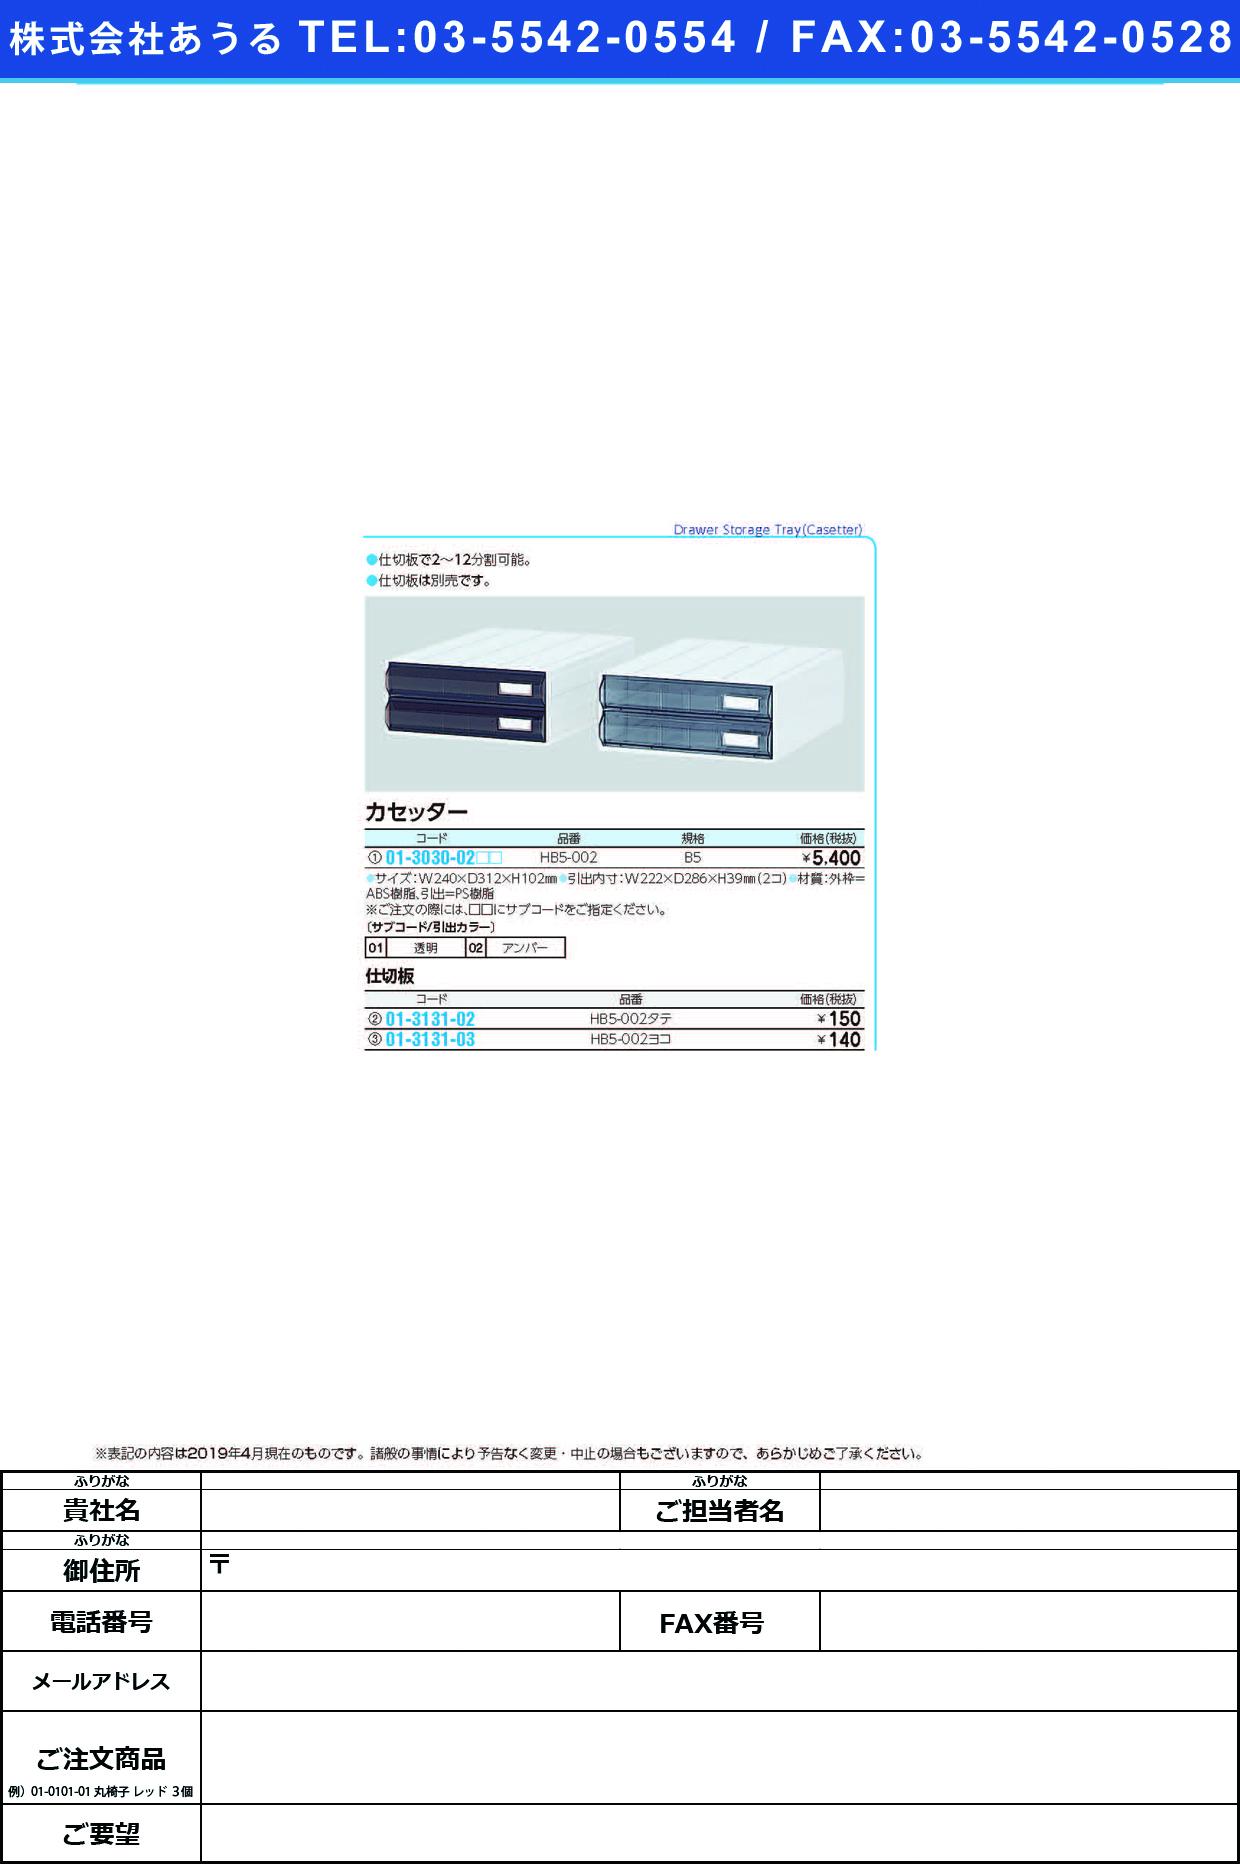 (01-3030-02)カセッター(HB5タイプ) HB5-002 カセッターHB5タイプ 透明(サカセ化学工業)【1個単位】【2019年カタログ商品】